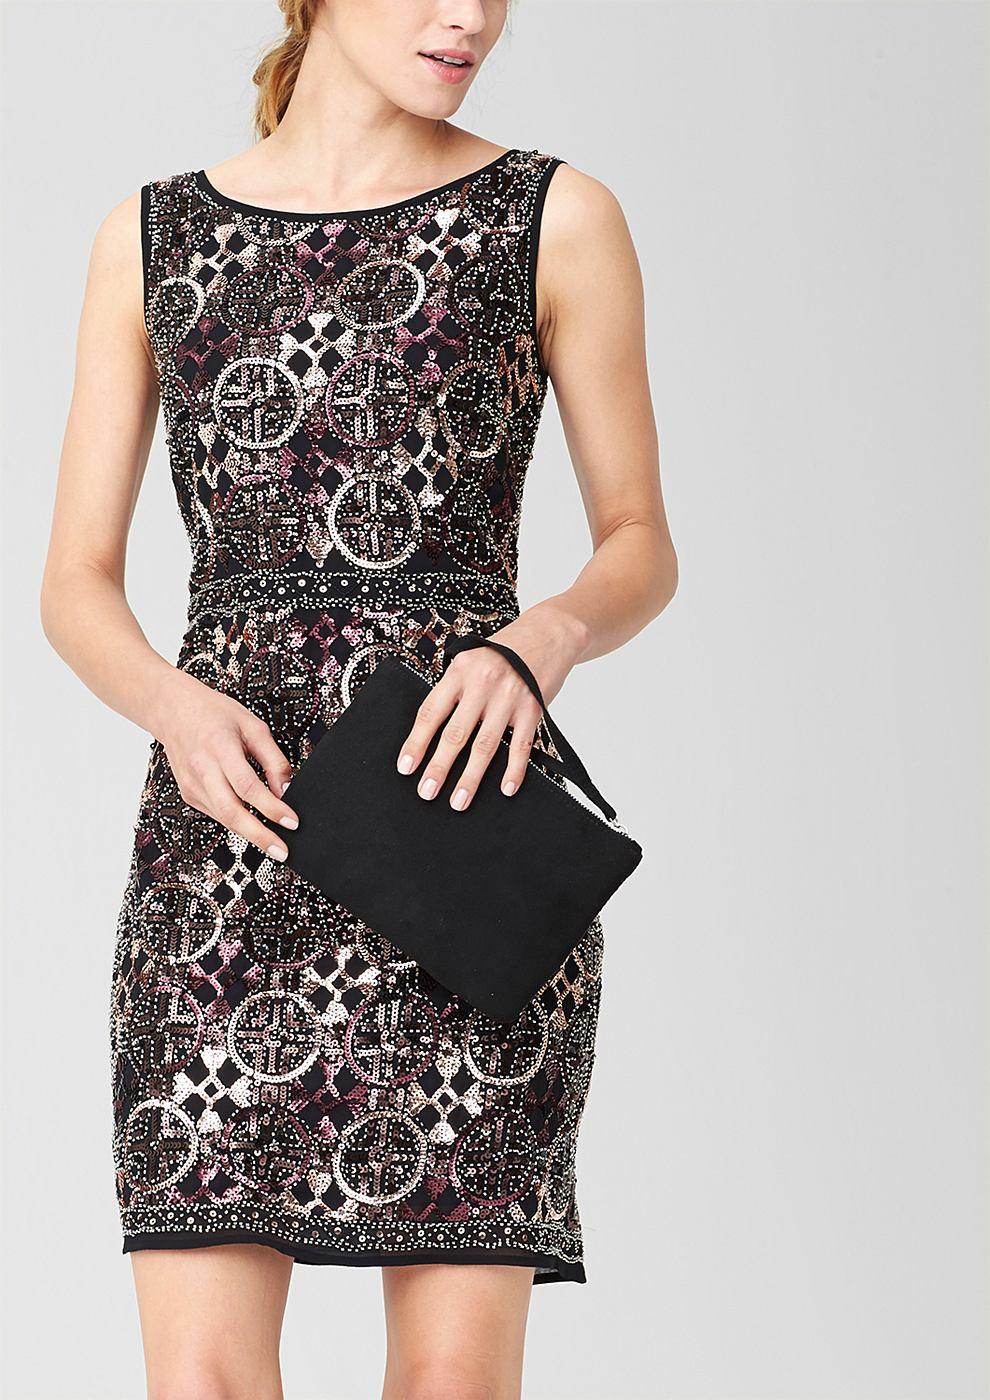 s.Oliver Premium jurk met een paillettenmotief zwart